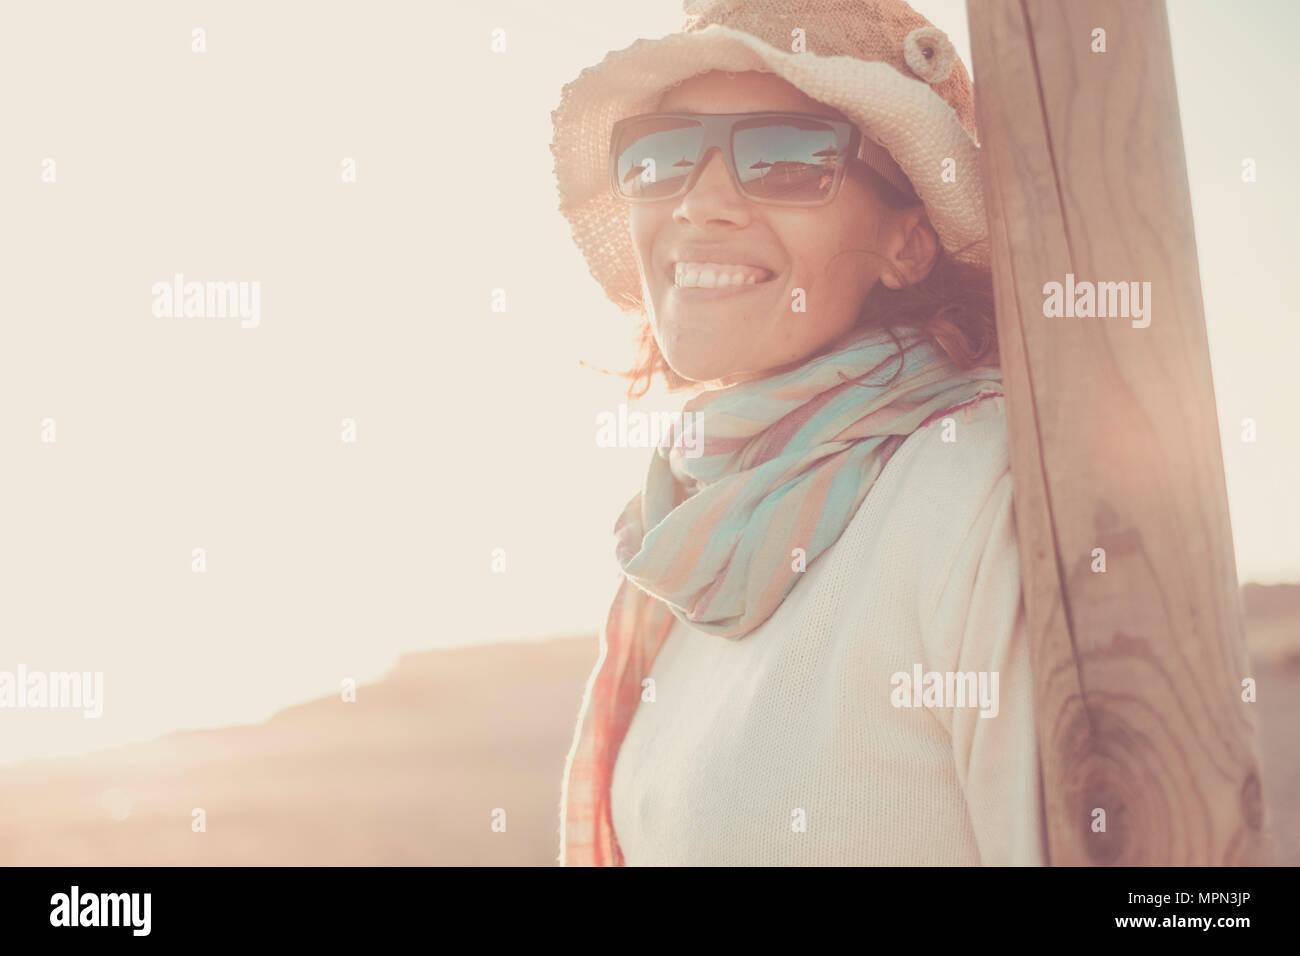 Schöne kaukasische Frau Lächeln genießen Sie den Lebensstil im Freien mit einem sonnigen Tag auf Teneriffa. Sonne auf Ihr süsses Gesicht tragen Sonnenbrillen. Reisen und vacat Stockbild